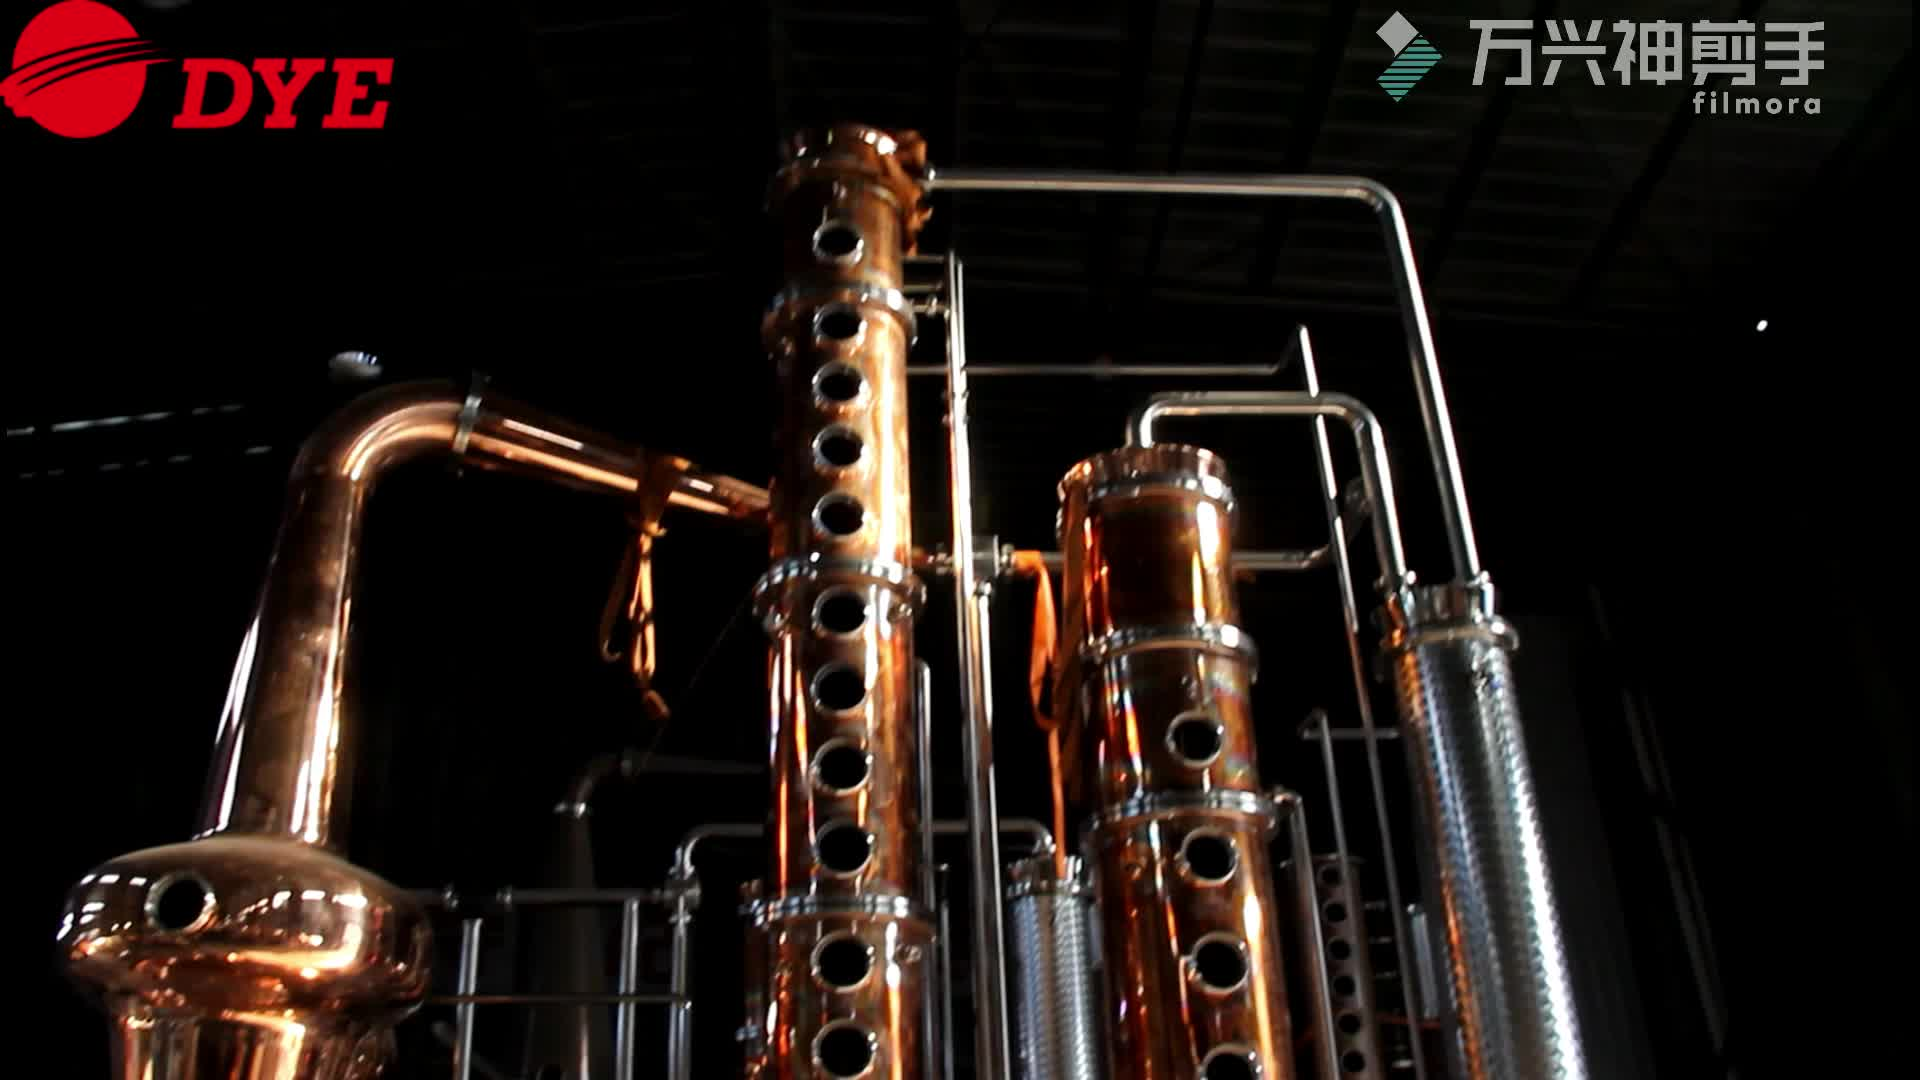 शराब बनाने की मशीन शराब अभी भी आसवन तंत्र इकाई